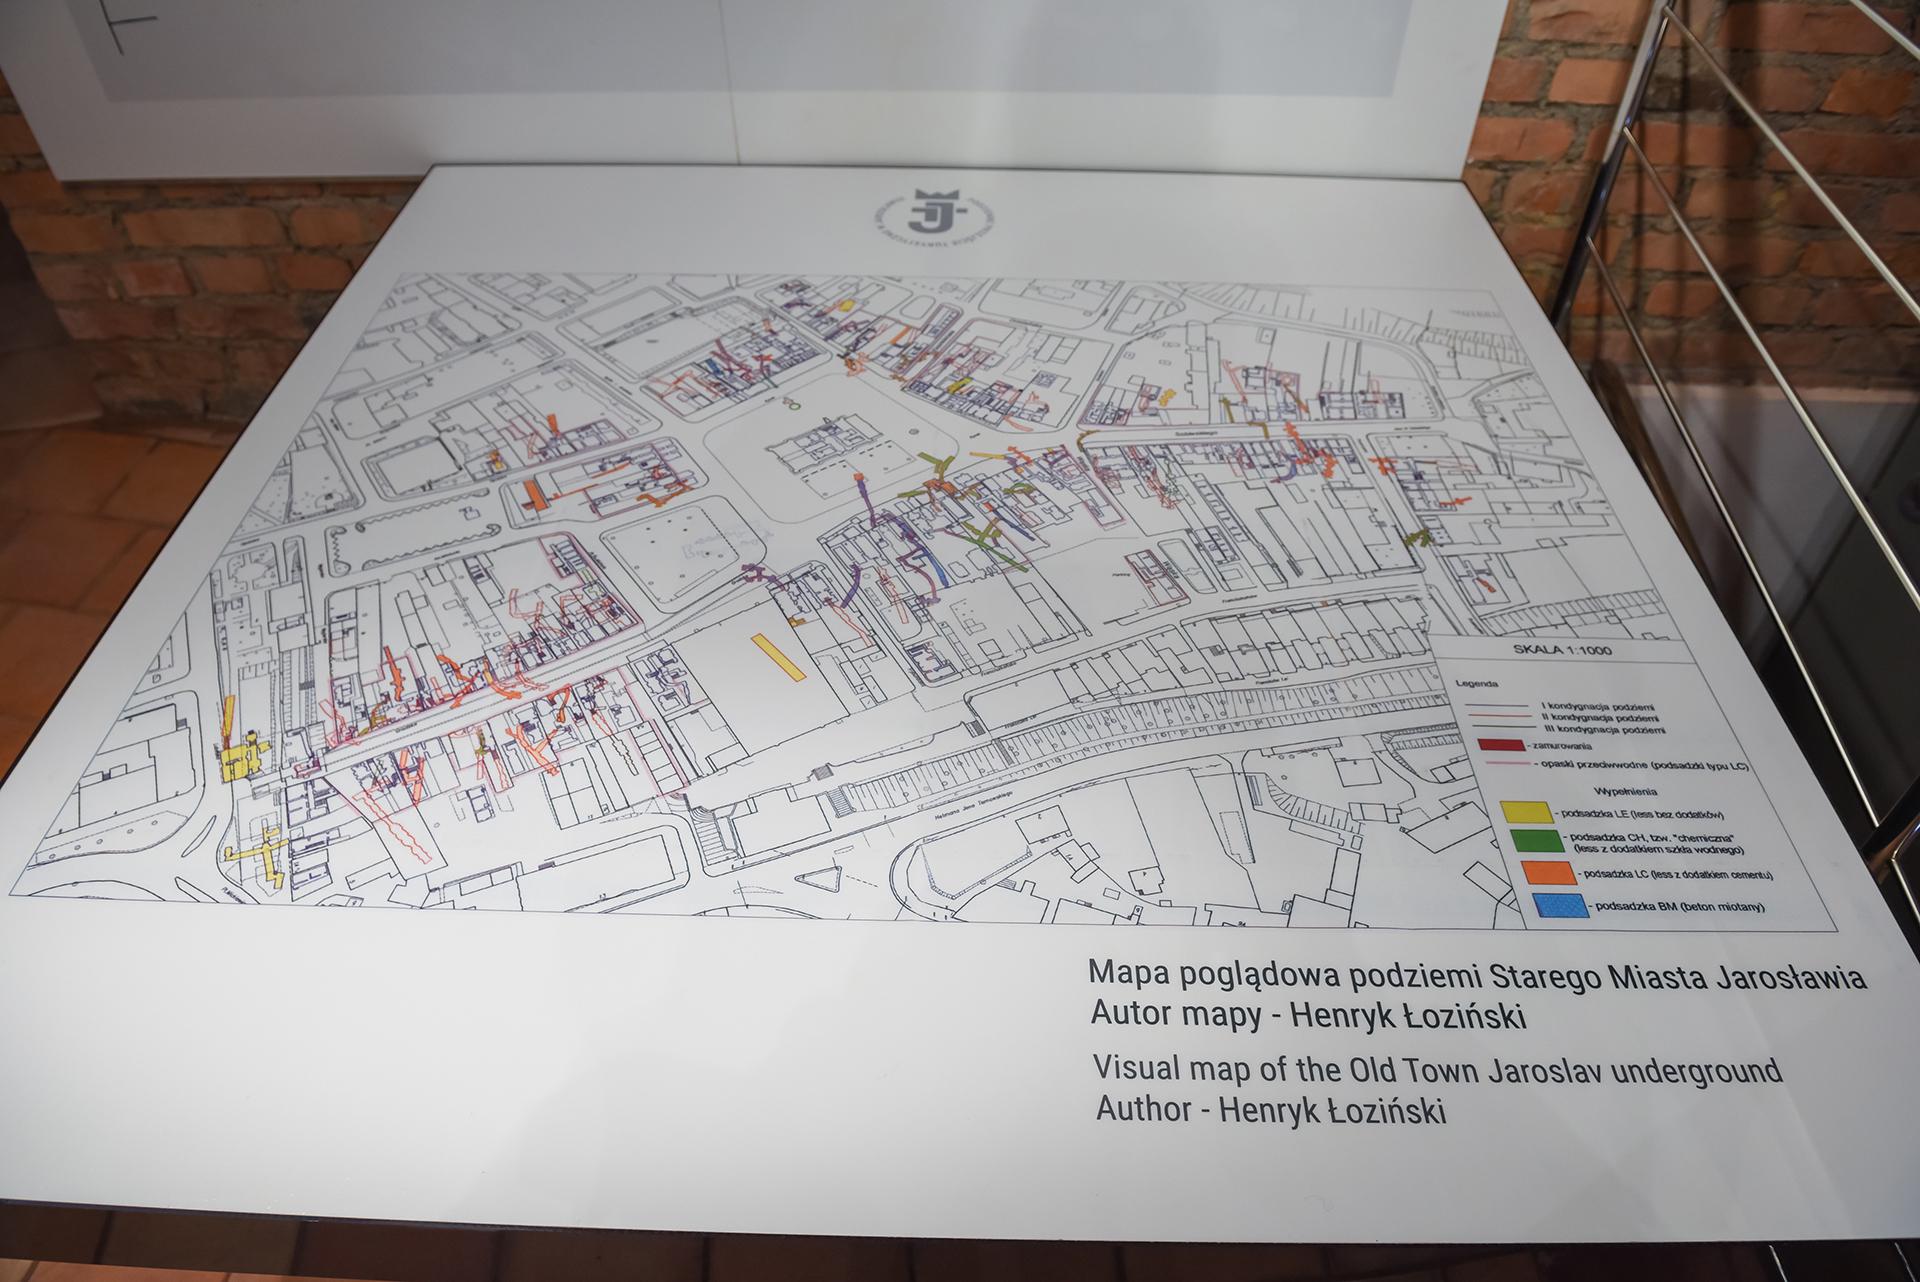 Mapa podziemi miasta Jarosław